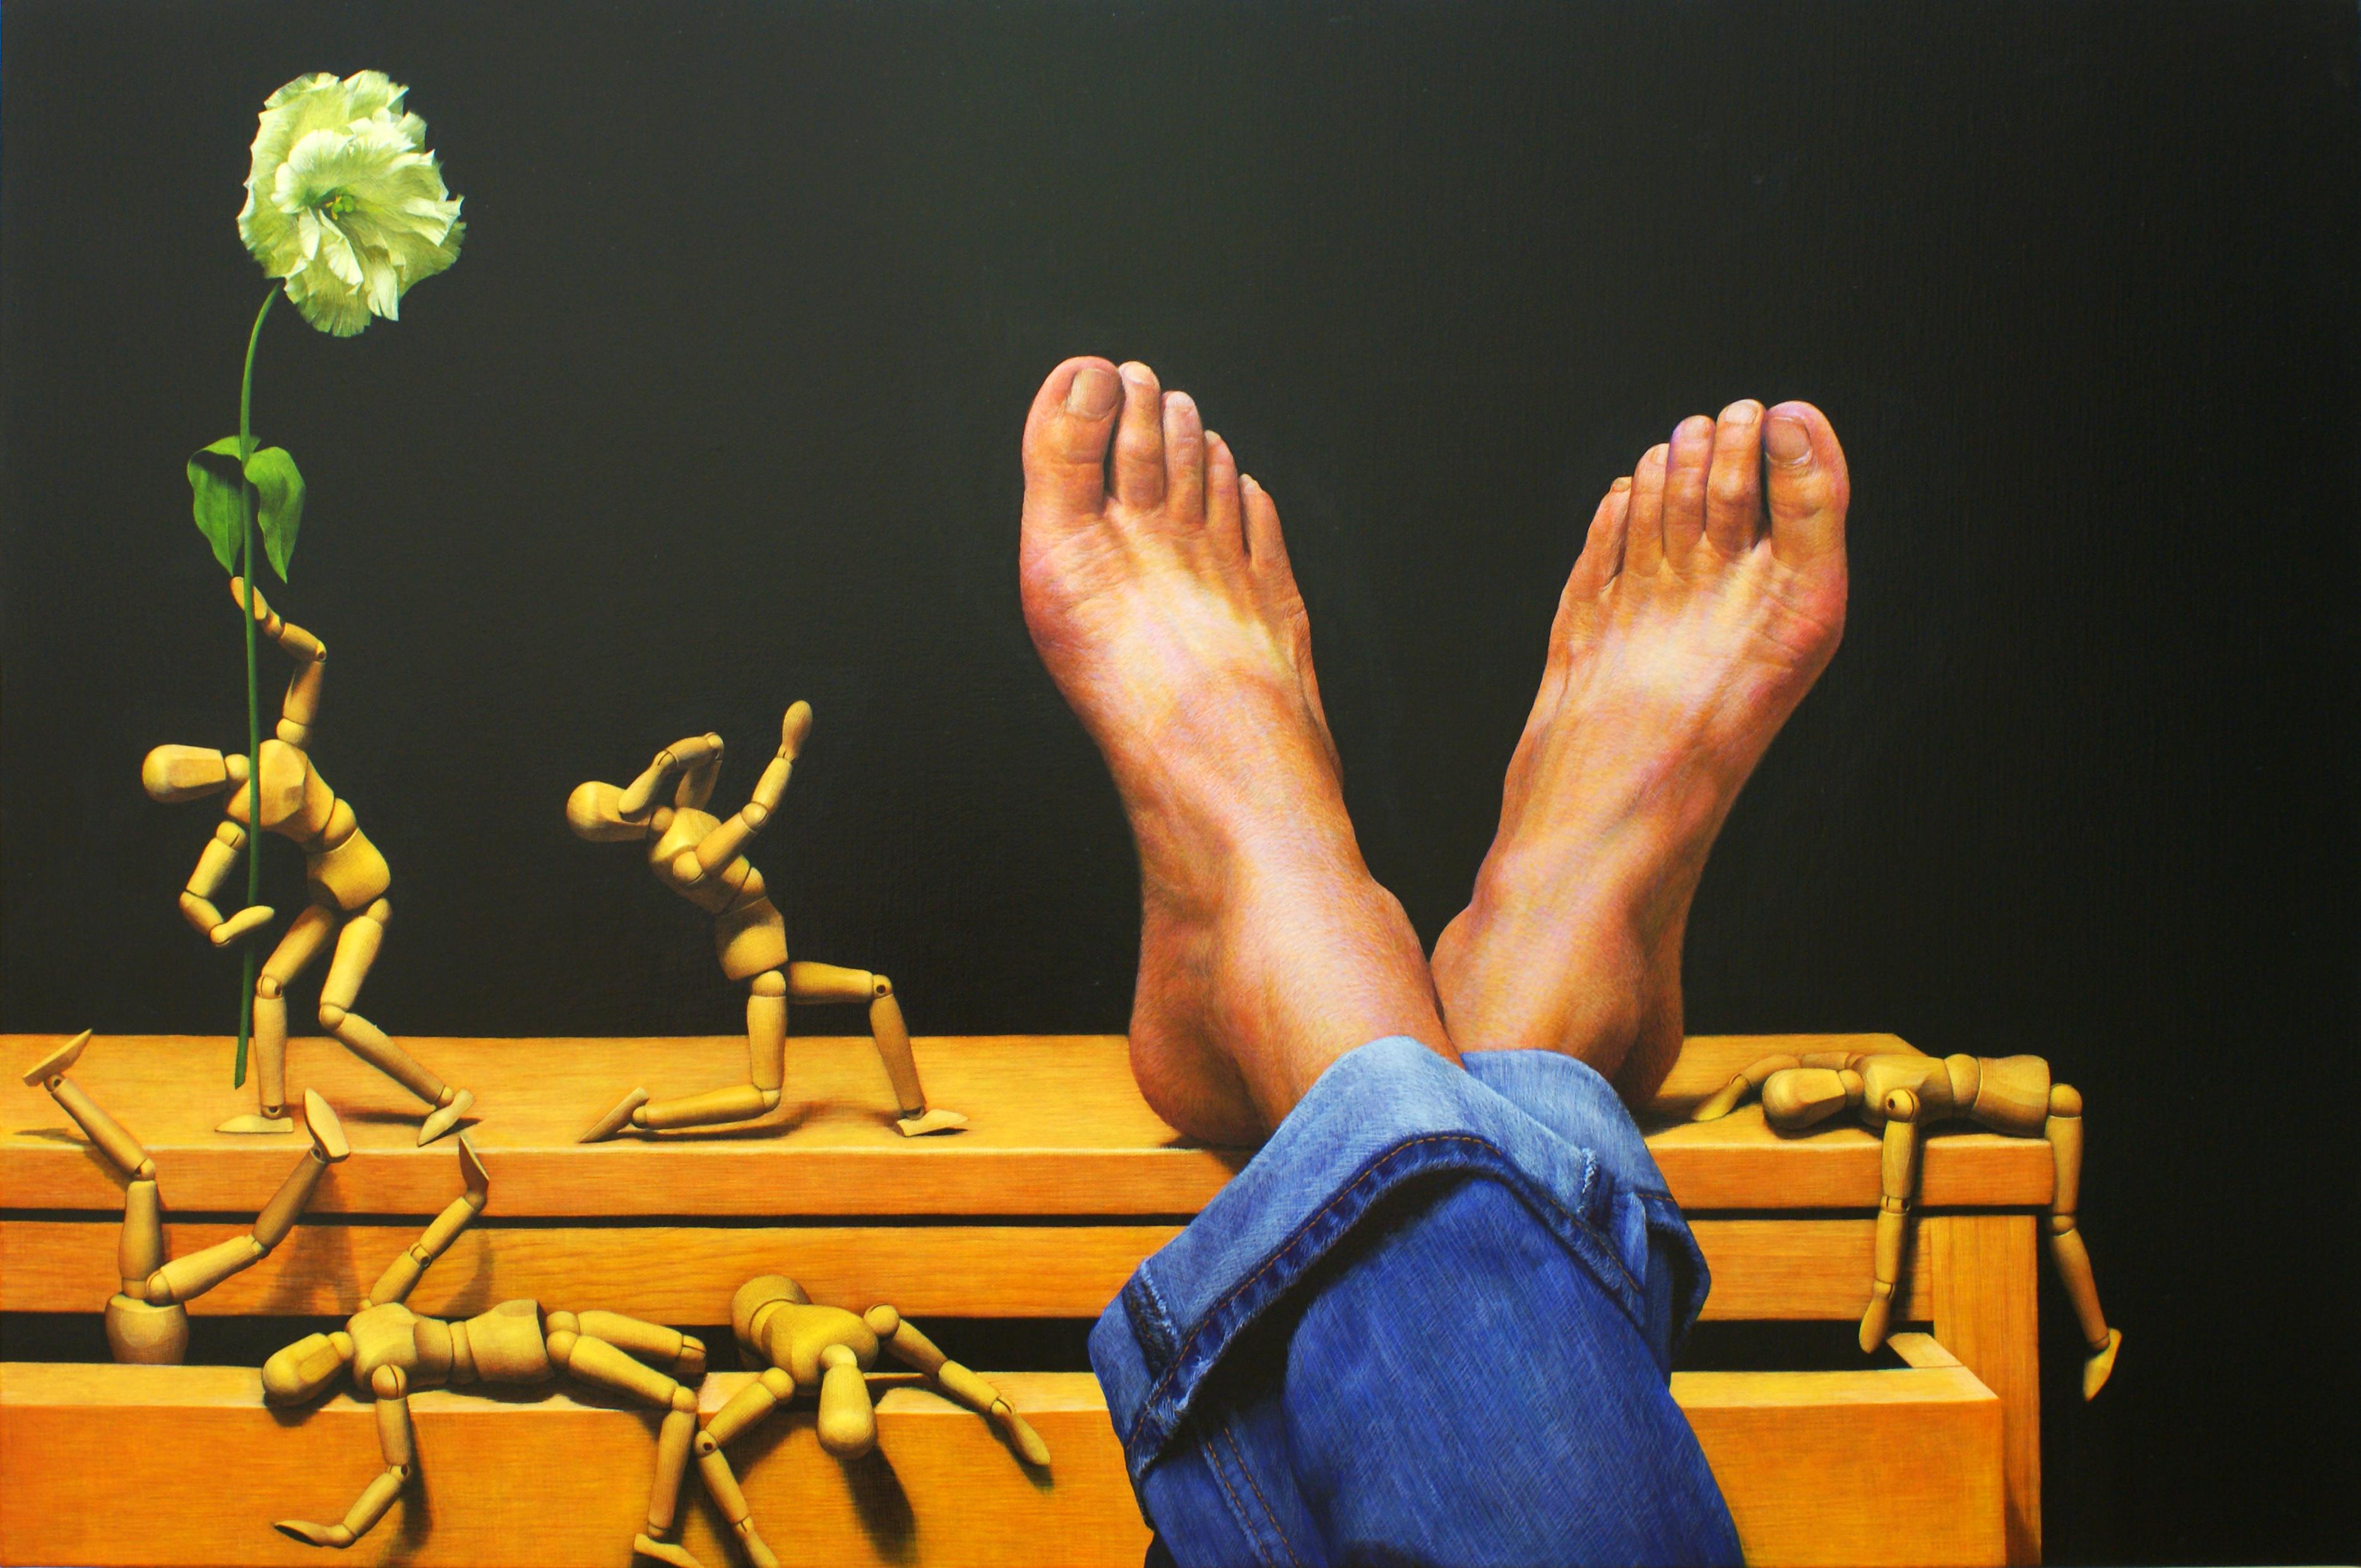 장필교, 그 여름날의 악몽, 86.3x65.1cm, Acrylic on Canvas, 2012